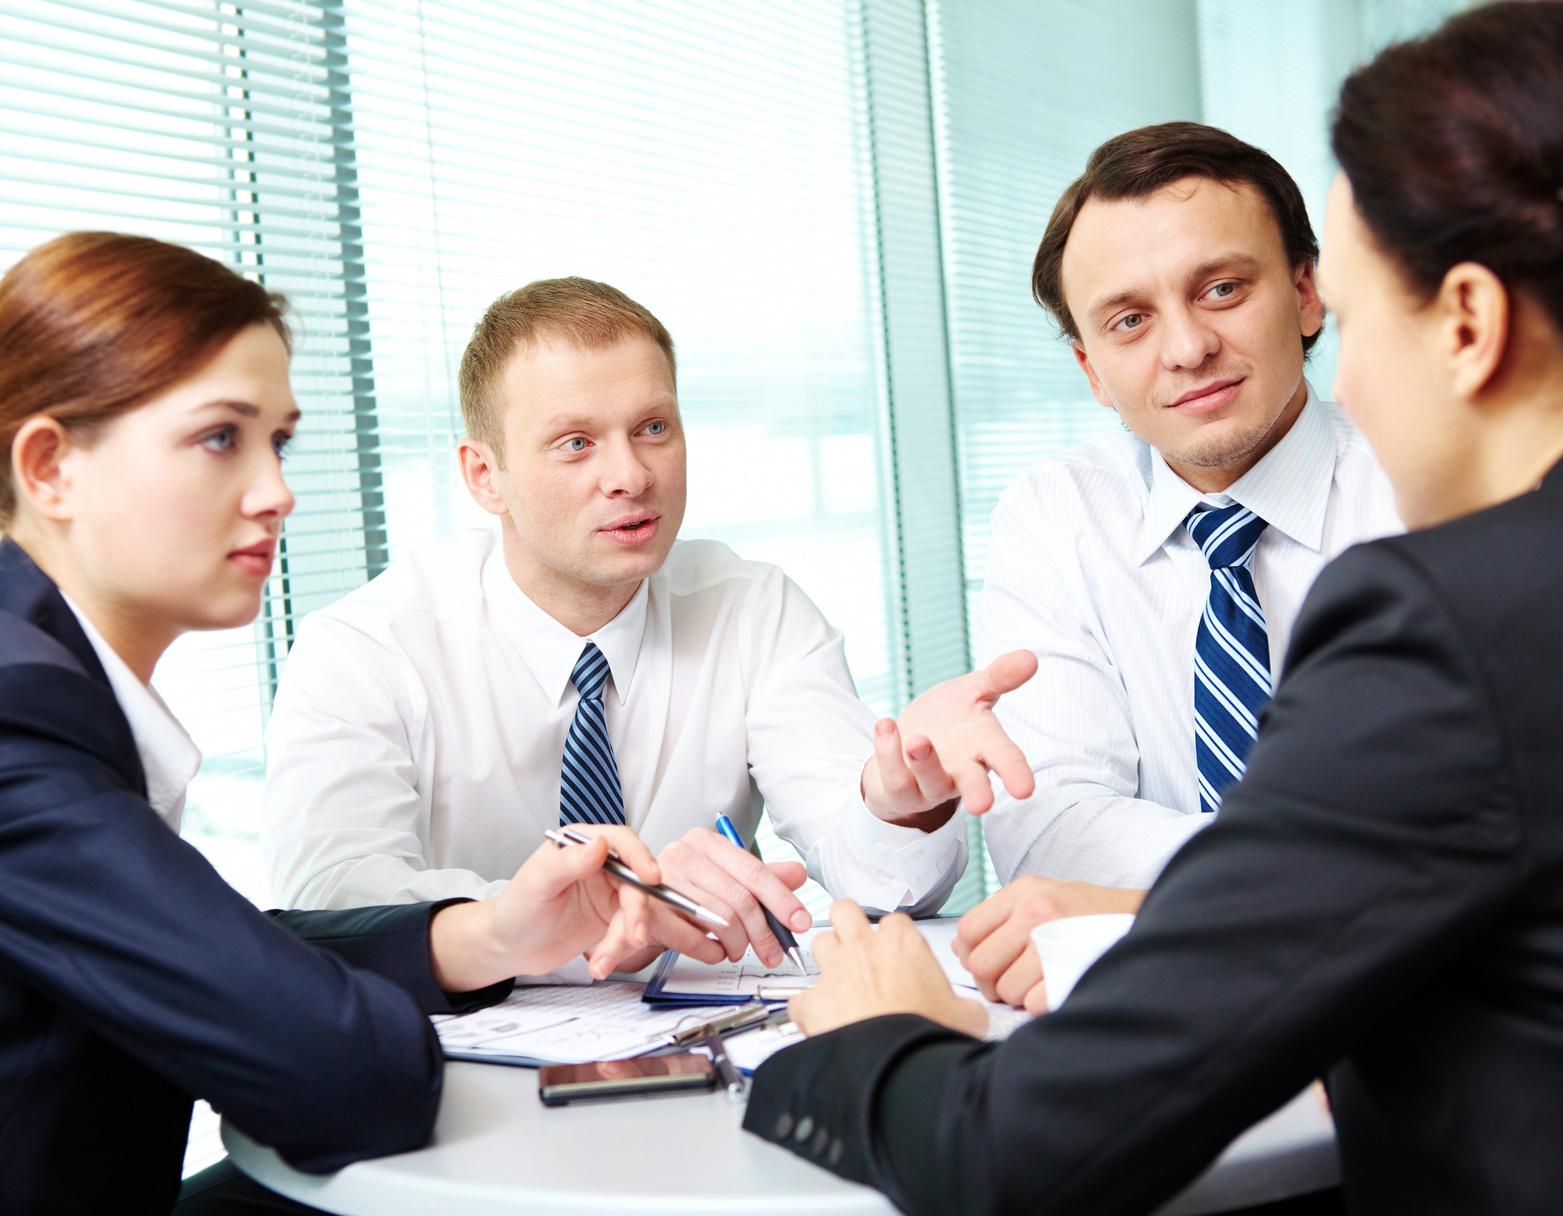 Warum führt Teambuilding nicht automatishc zu mehr Kollaboration?